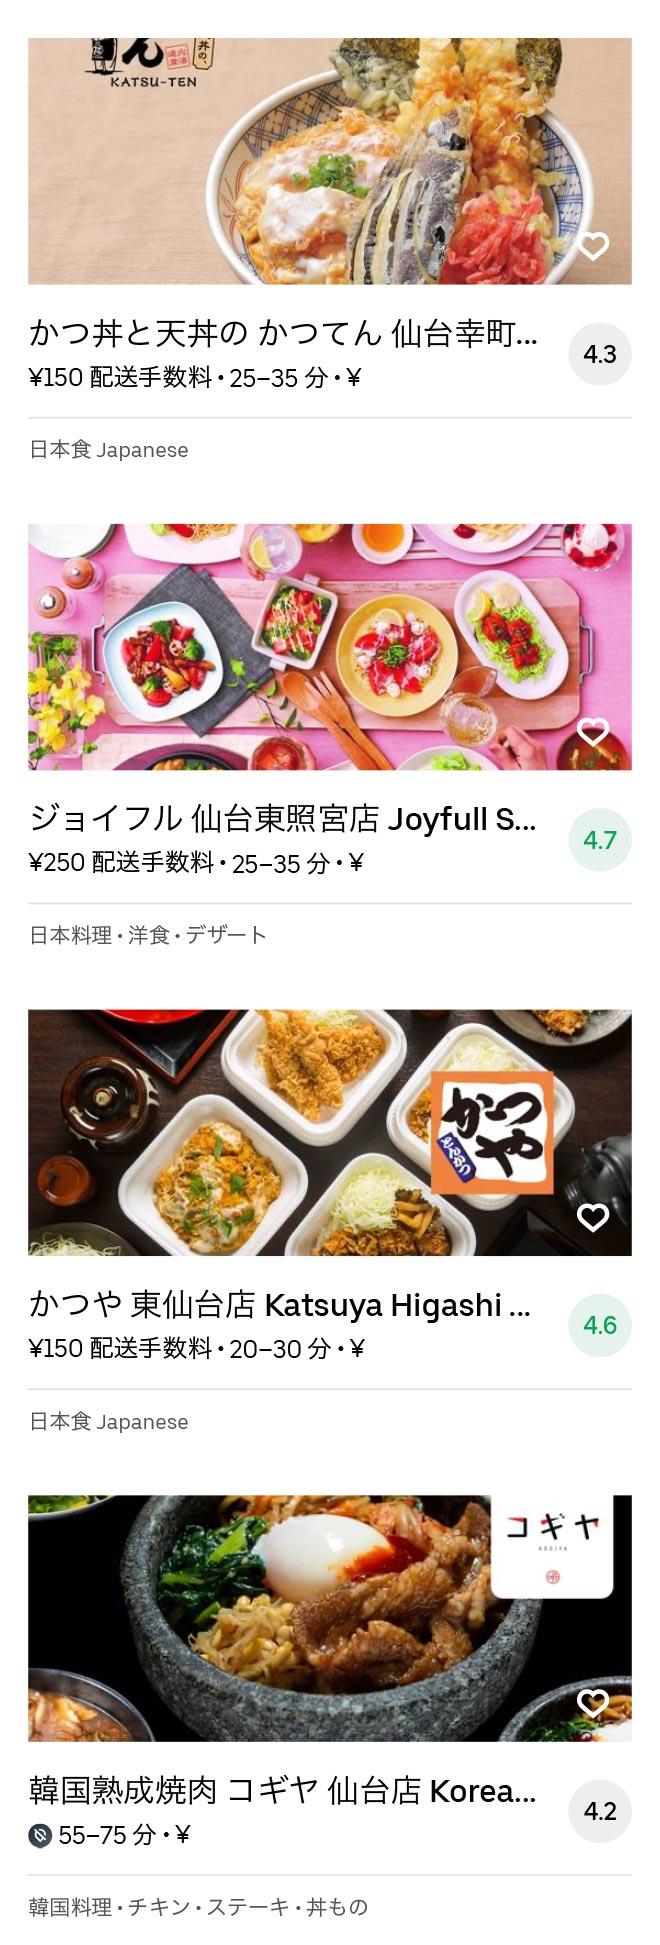 Higashi sendai menu 2008 06